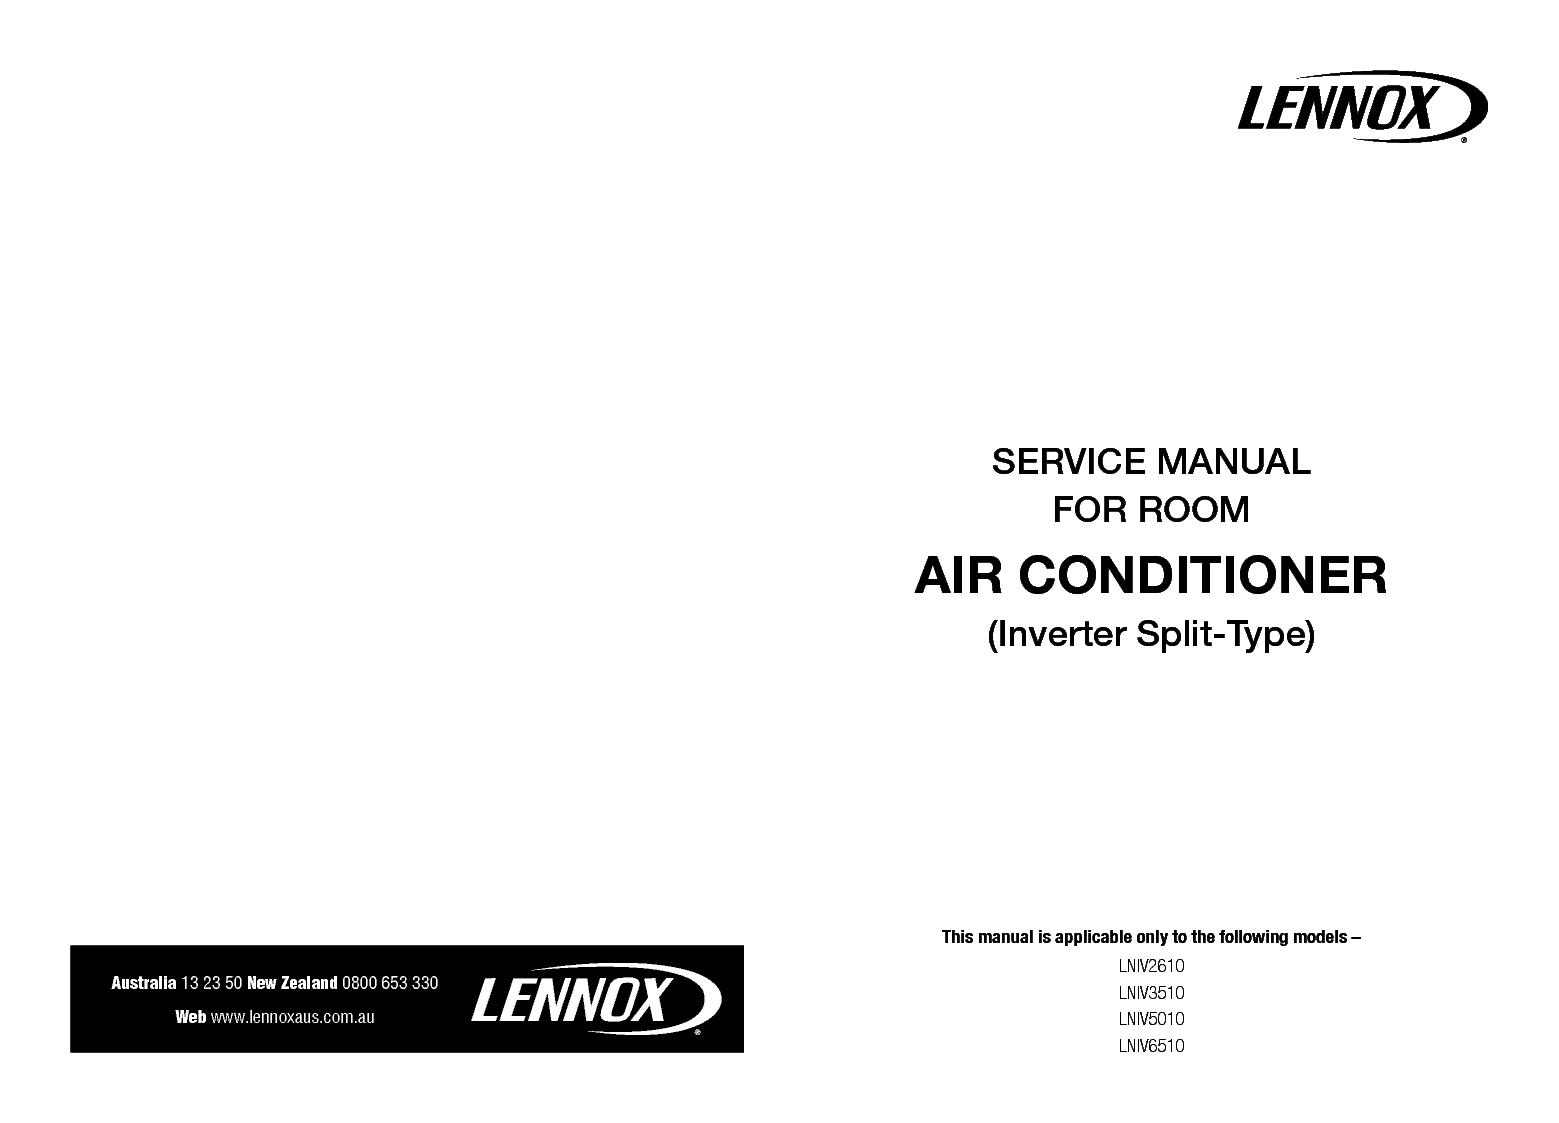 LENNOX LNIV2610 LNIV3510 LNIV5010 LNIV6510 SM Service